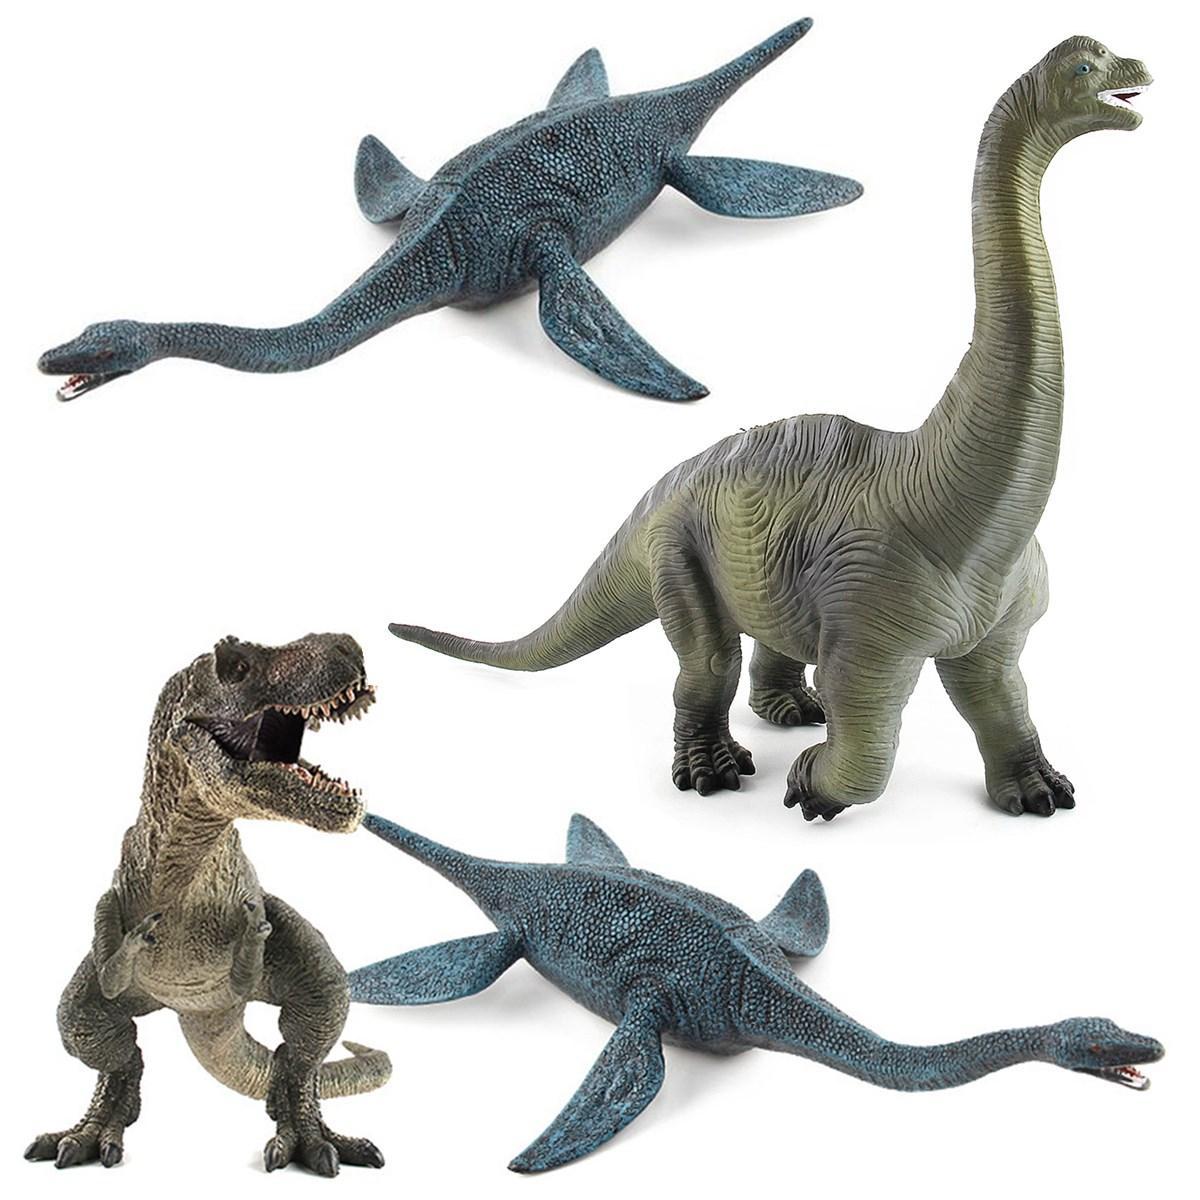 Grande Dinosauro giocattolo Brachiosaurus giocattolo in plastica plastico Realistico Realistico regalo per i bambini - 2